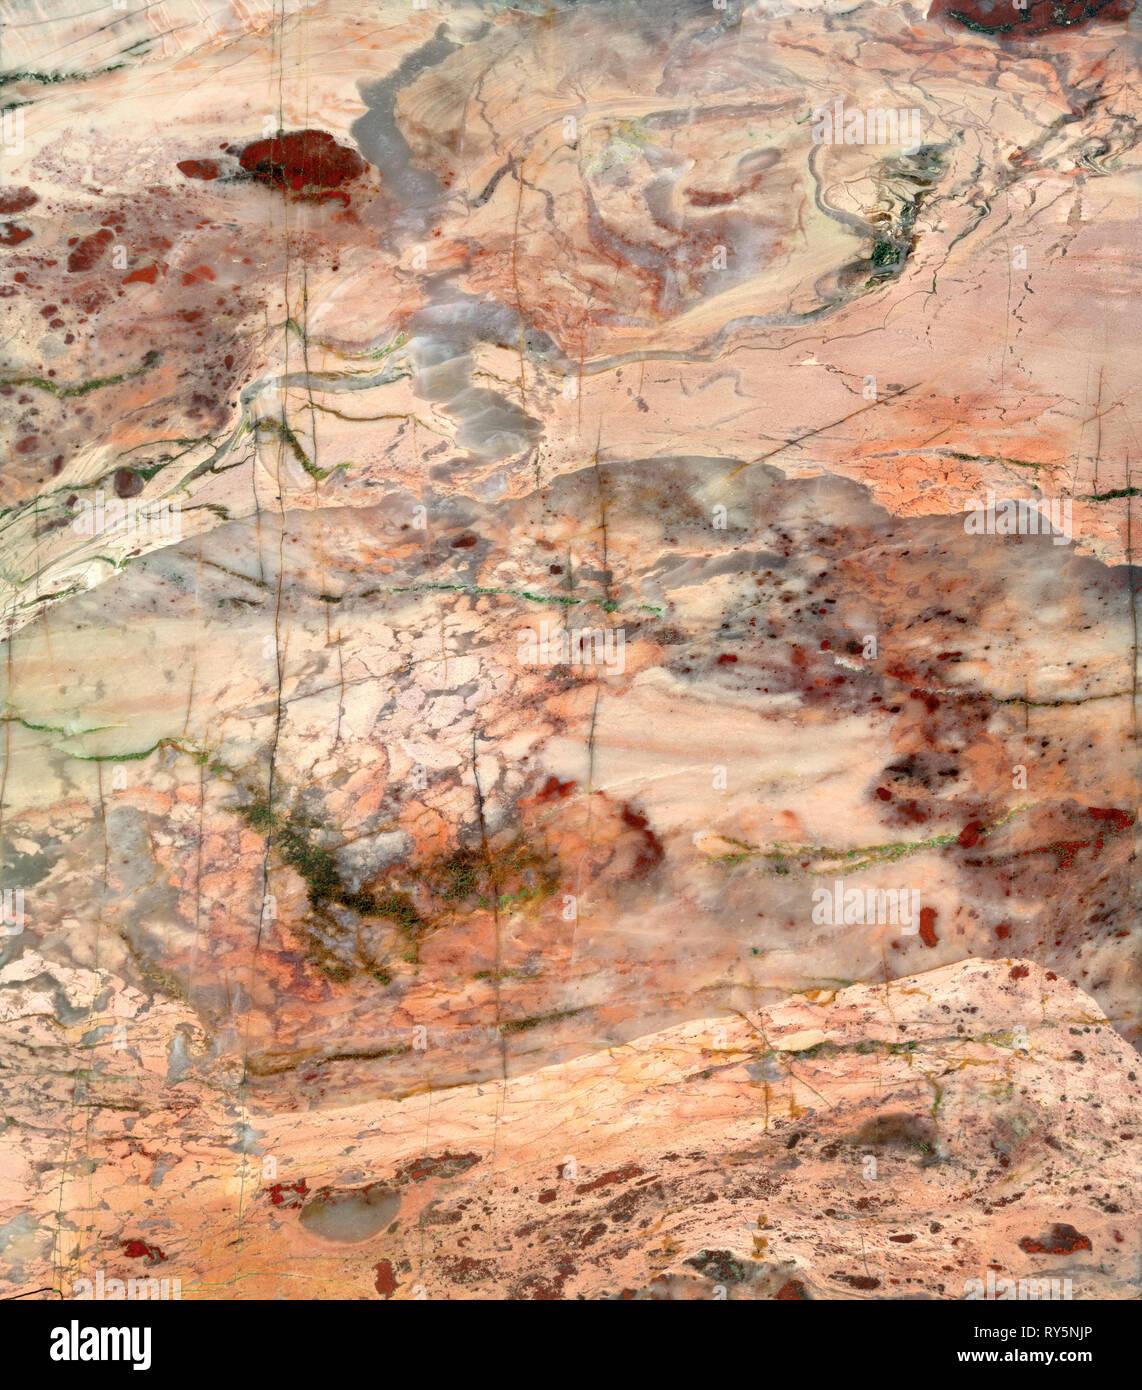 Sección transversal de jasper hace una escena surrealista. Foto de stock